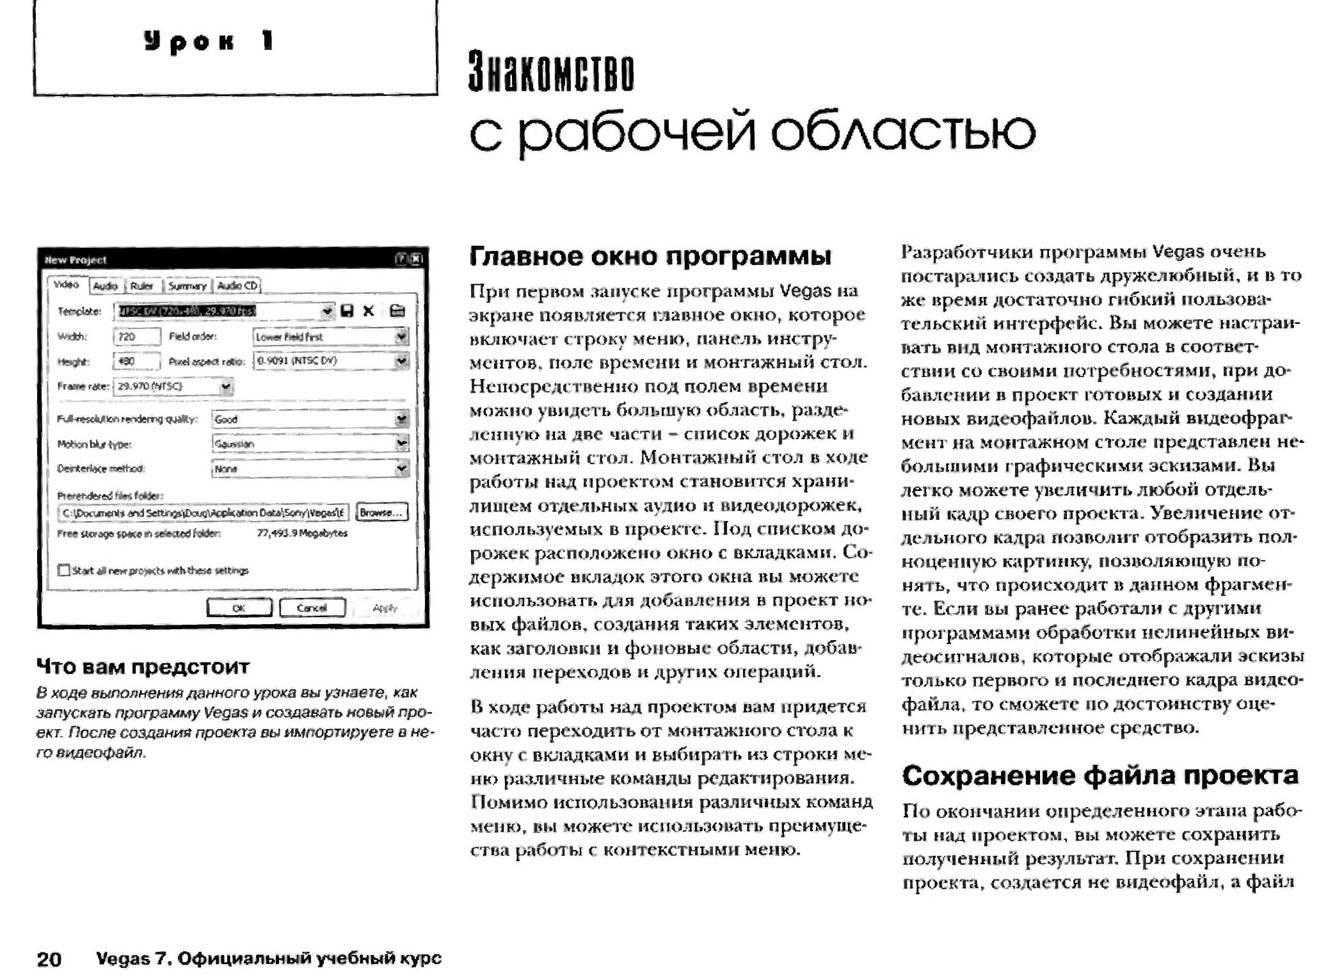 http://redaktori-uroki.3dn.ru/_ph/13/963537588.jpg